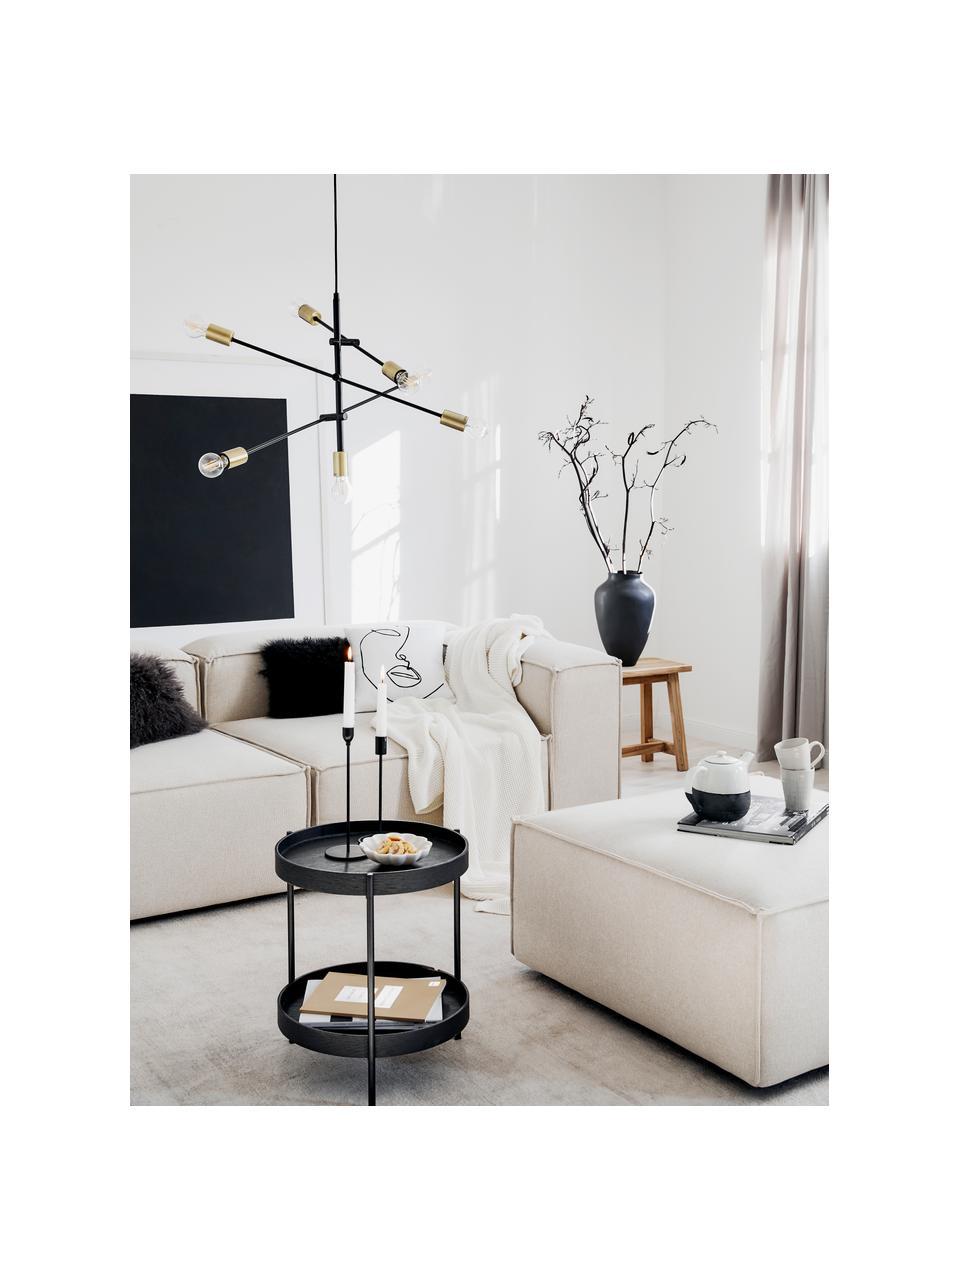 Housse de coussin 40x40 ligne abstraite Ariana, Blanc, noir